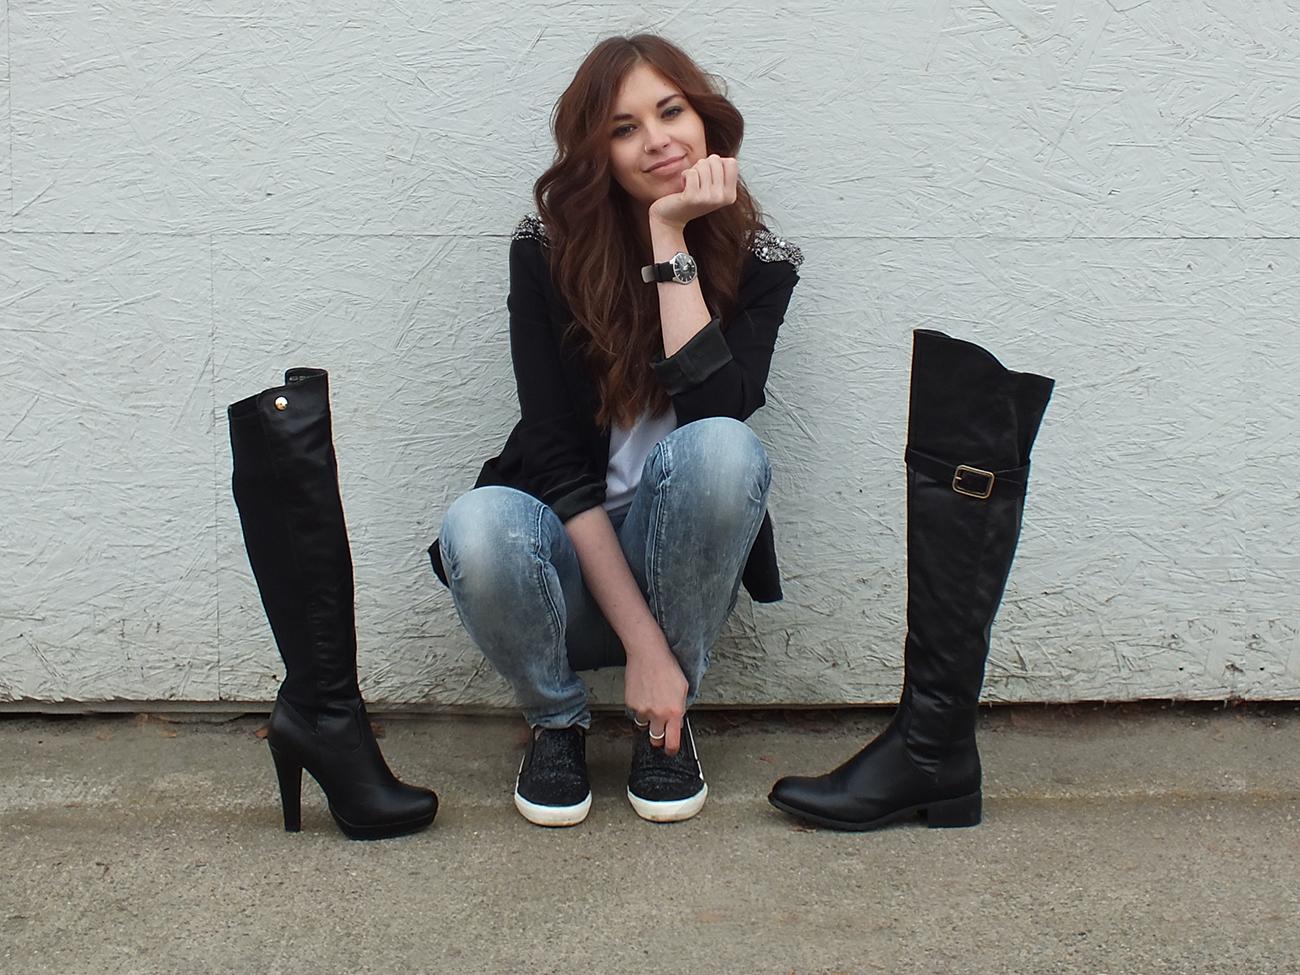 Modetrend HerbstWinter 201415: Top 10 Overknee Stiefel